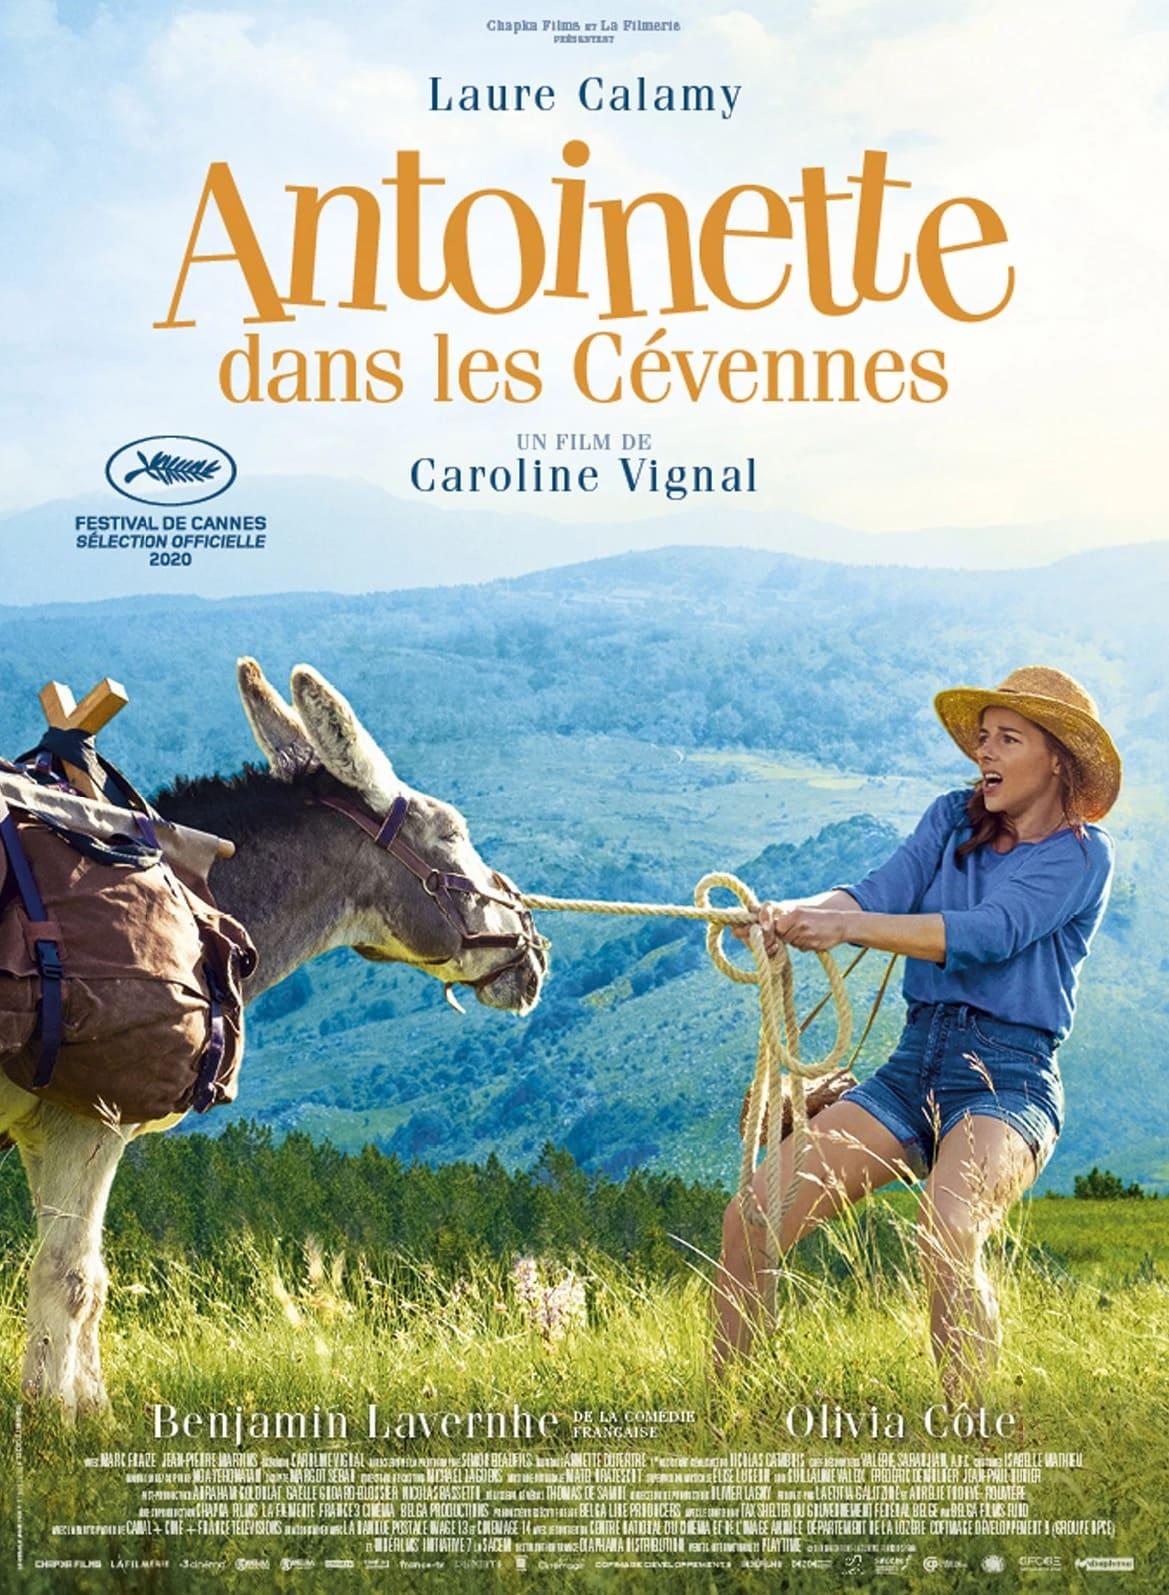 Cinema Le Rabelais - Antoinette dans les Cevenenes